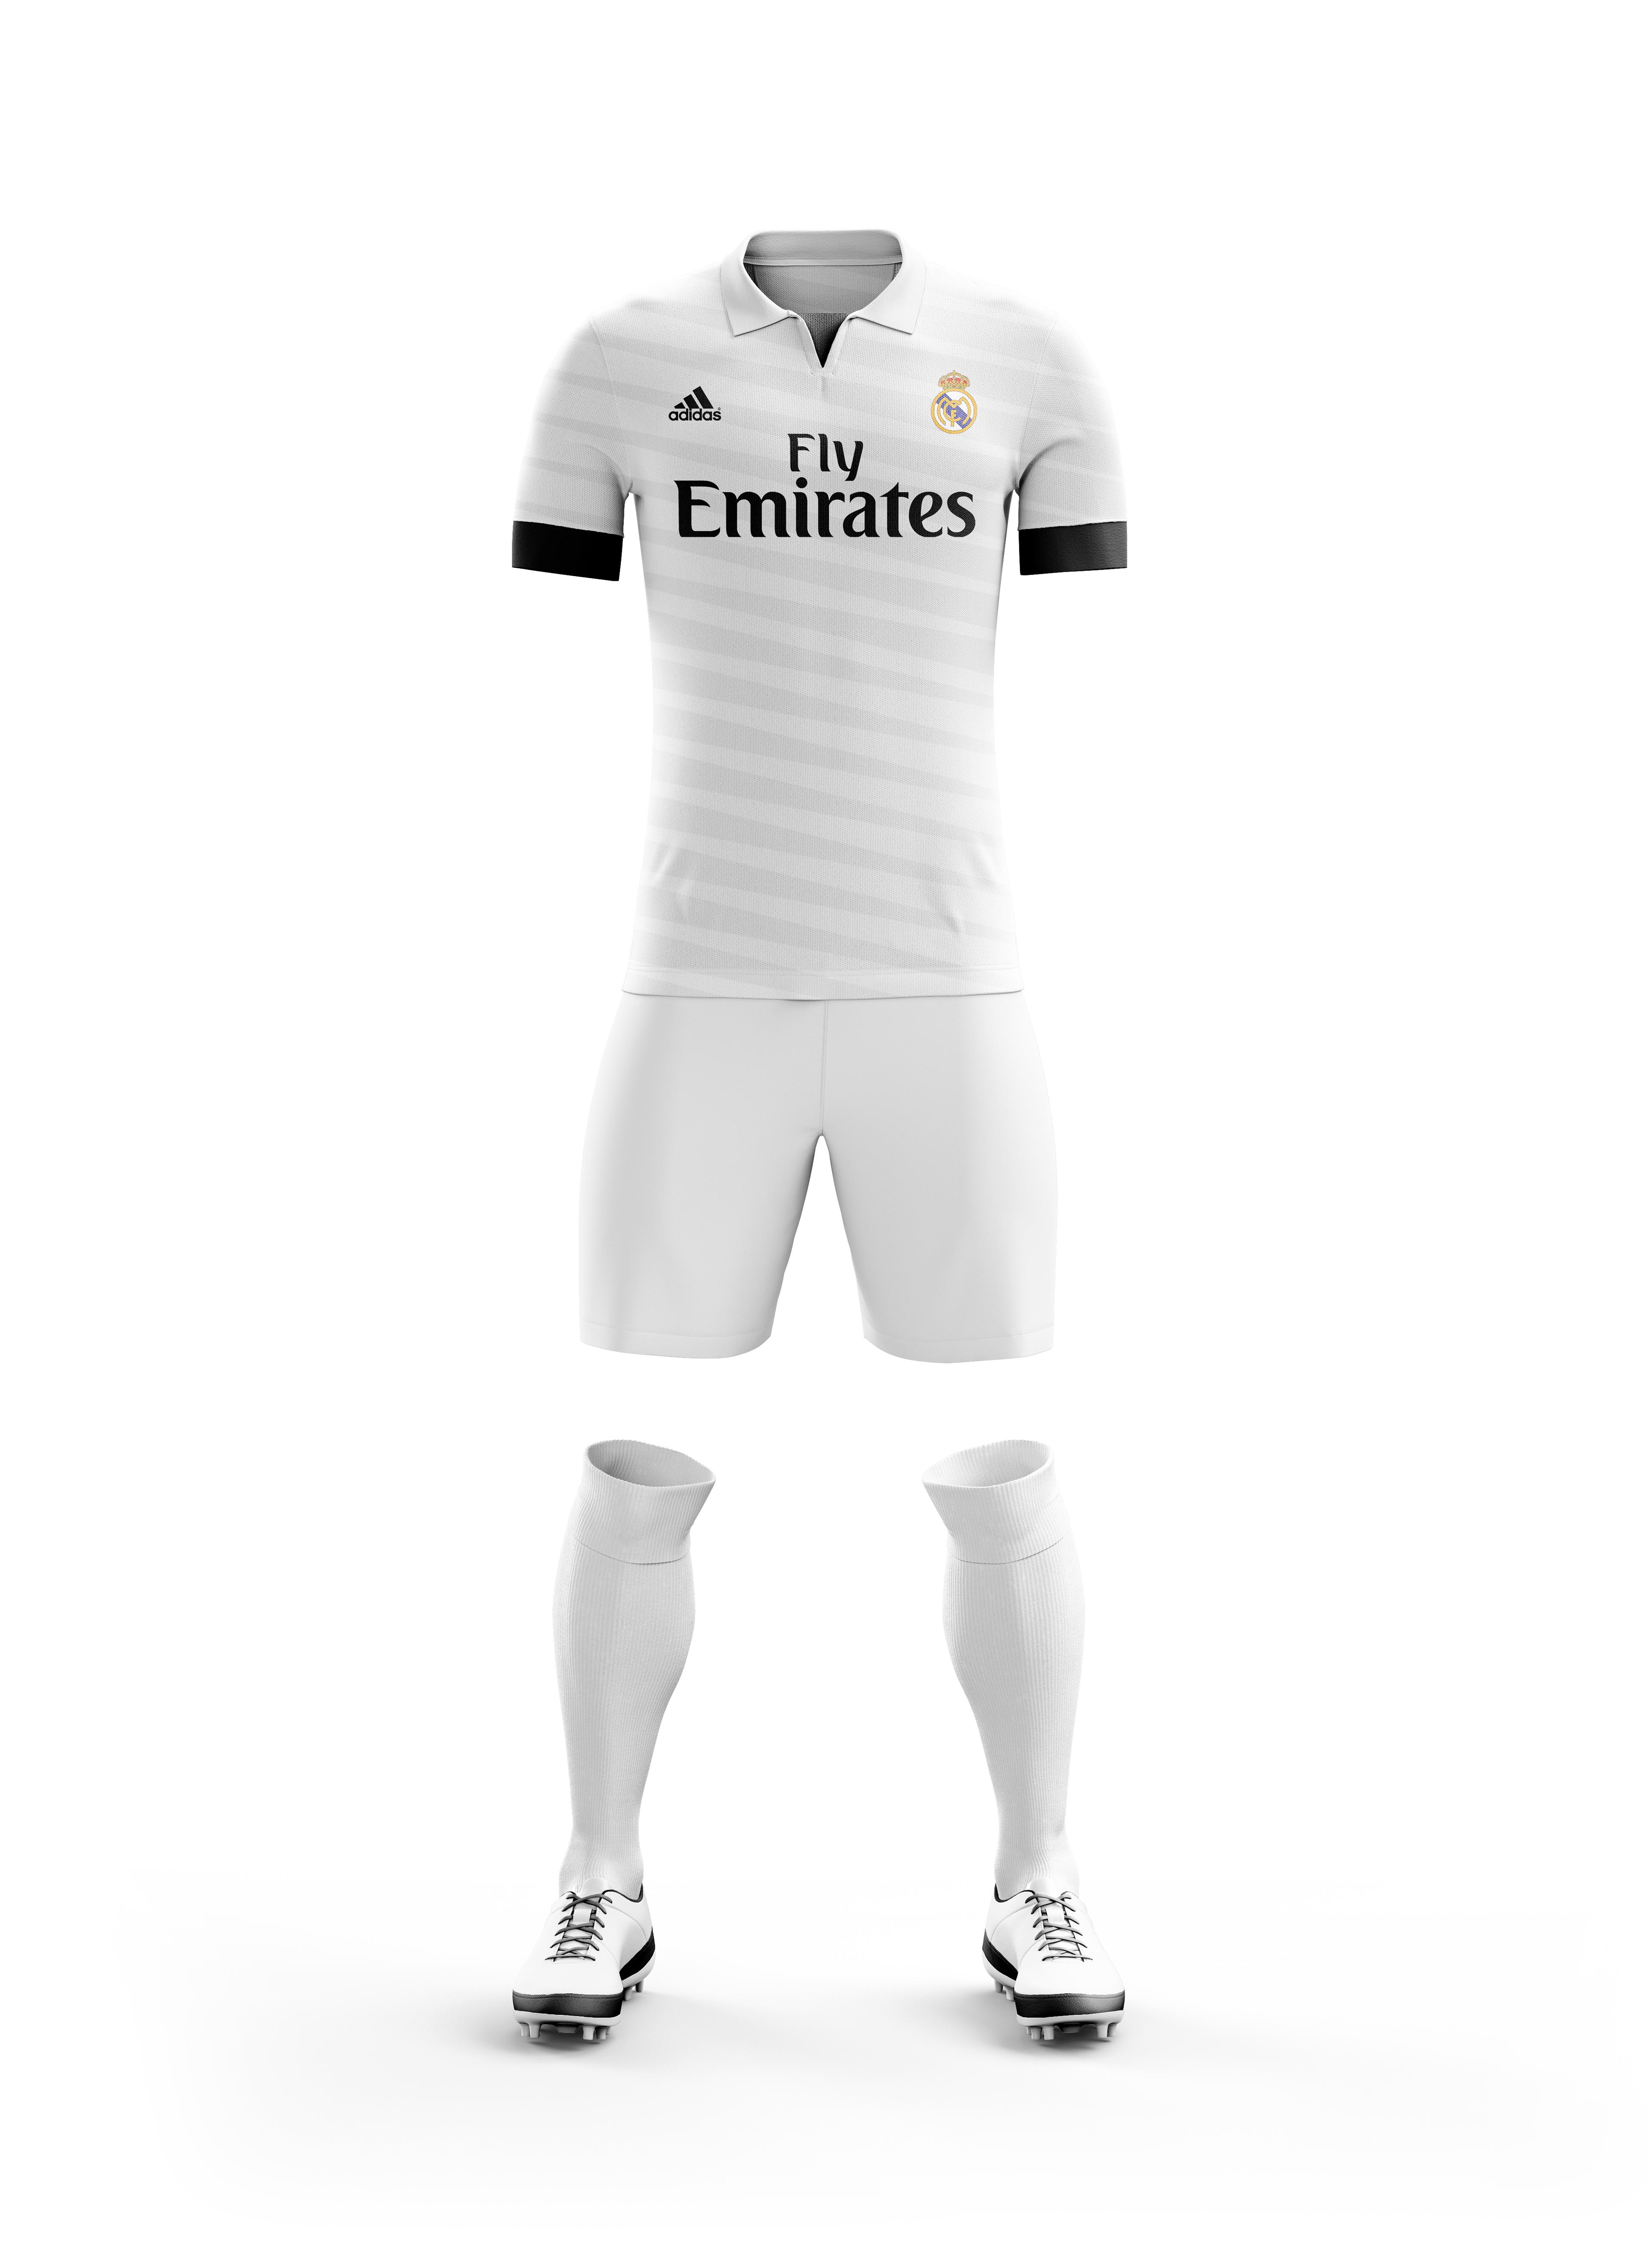 Soccer Kits V1 On Behance